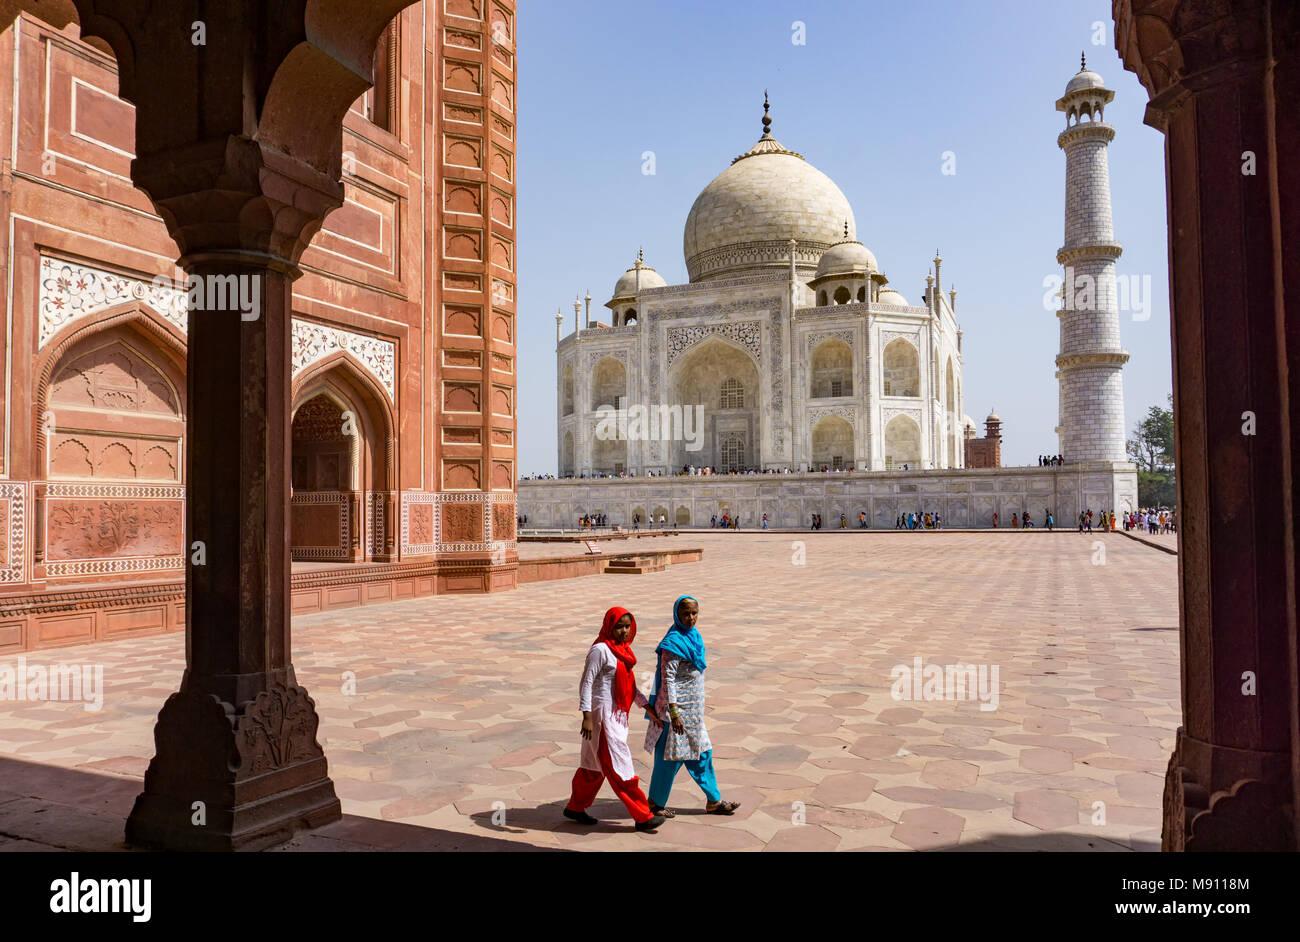 Agra, Indien - März 03, 2018: Die beiden indischen Frauen im Taj Mahal. Das Taj Mahal ist ein Elfenbein - weißer Marmor Mausoleum und populärste Sehenswürdigkeit in Indien. Stockbild